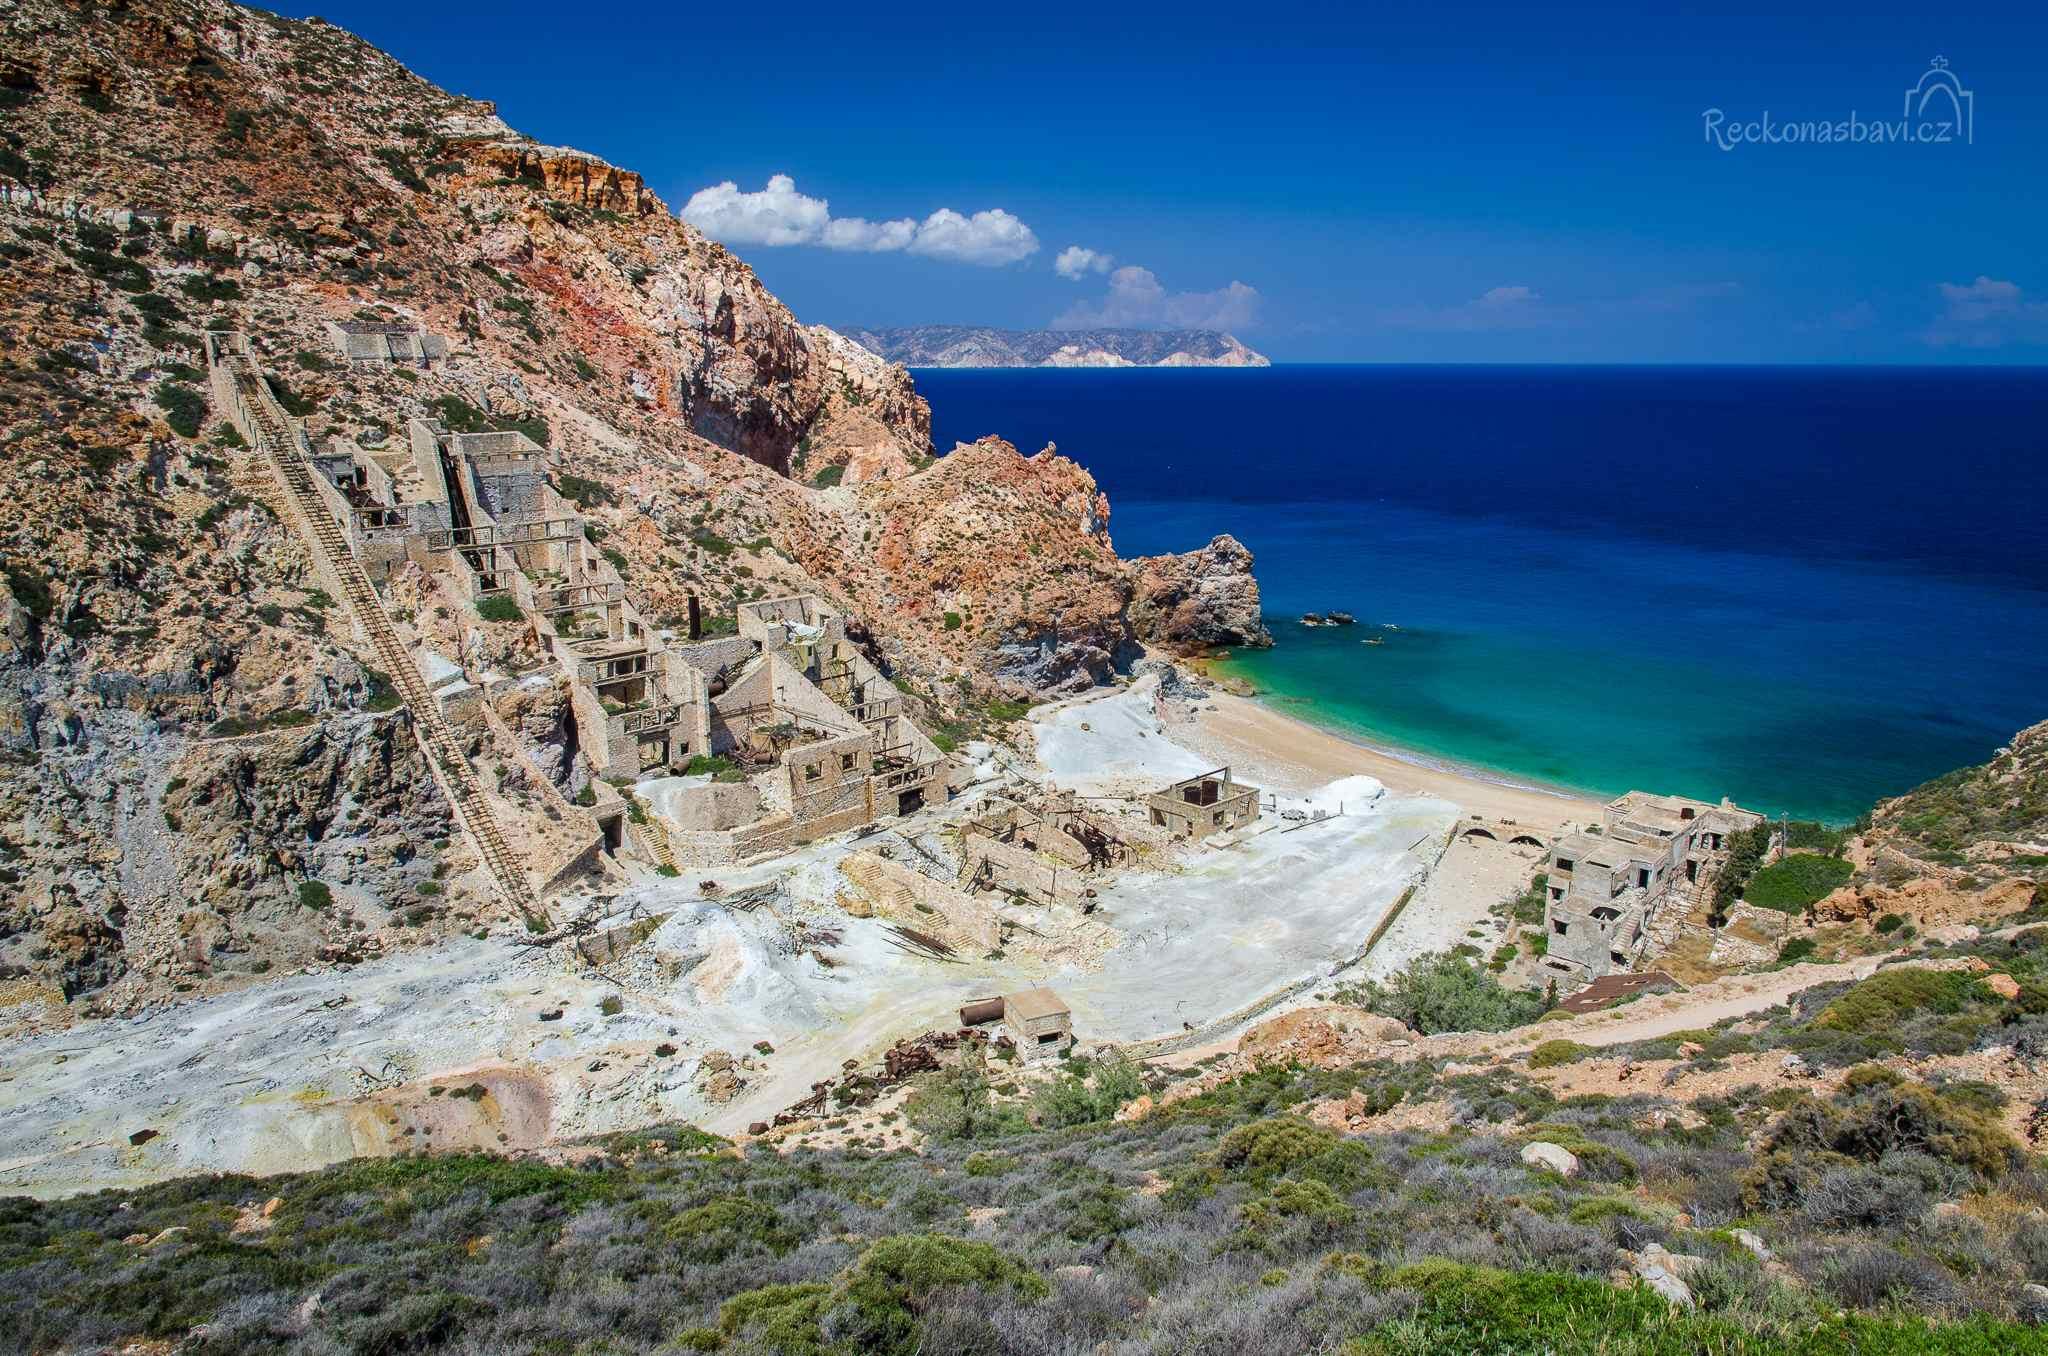 Thiorichio (Old Sulphur Mines) opuštěný důl na síru s úžasnou pláží!